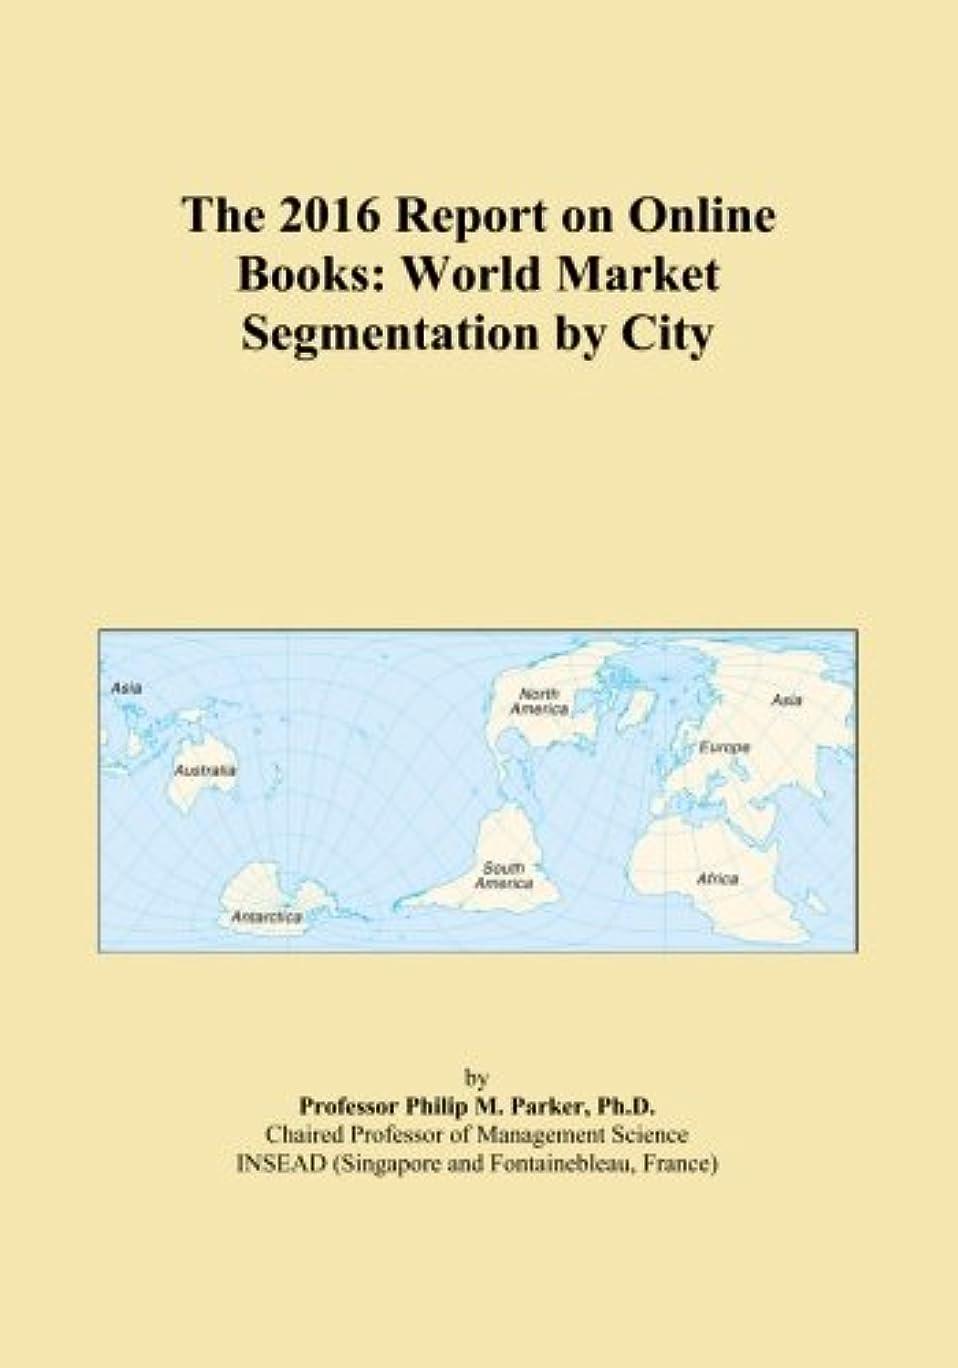 活性化バリケード愛人The 2016 Report on Online Books: World Market Segmentation by City